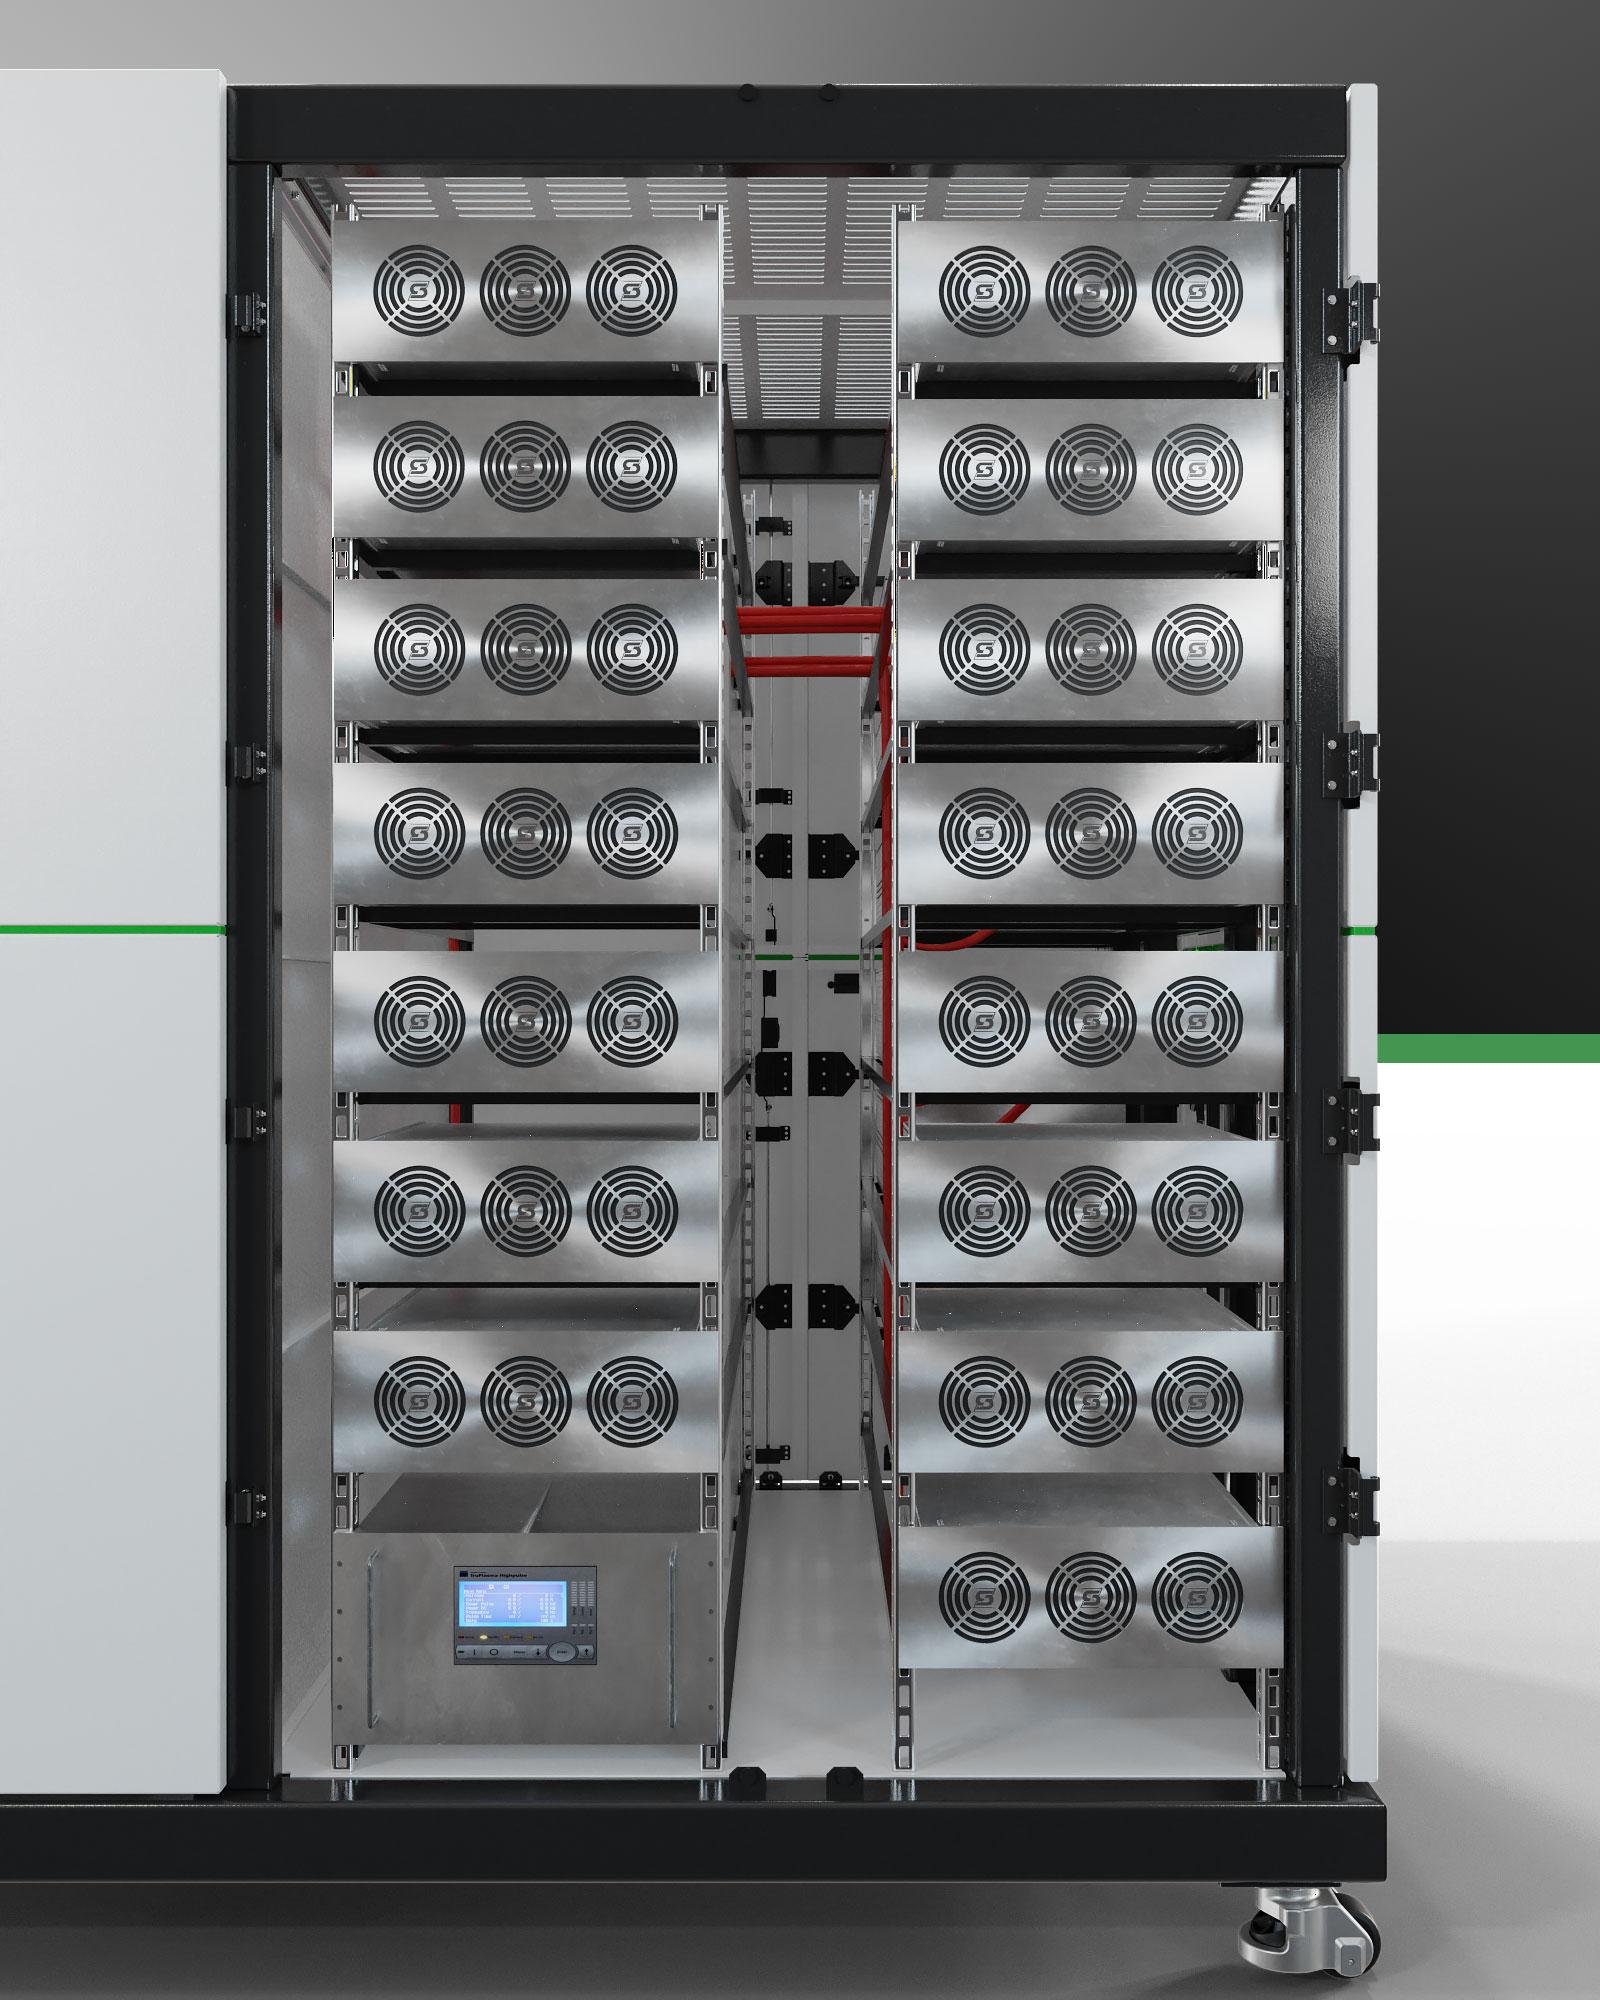 idea3d - STATON povlakovacie zariadenie katalág 12